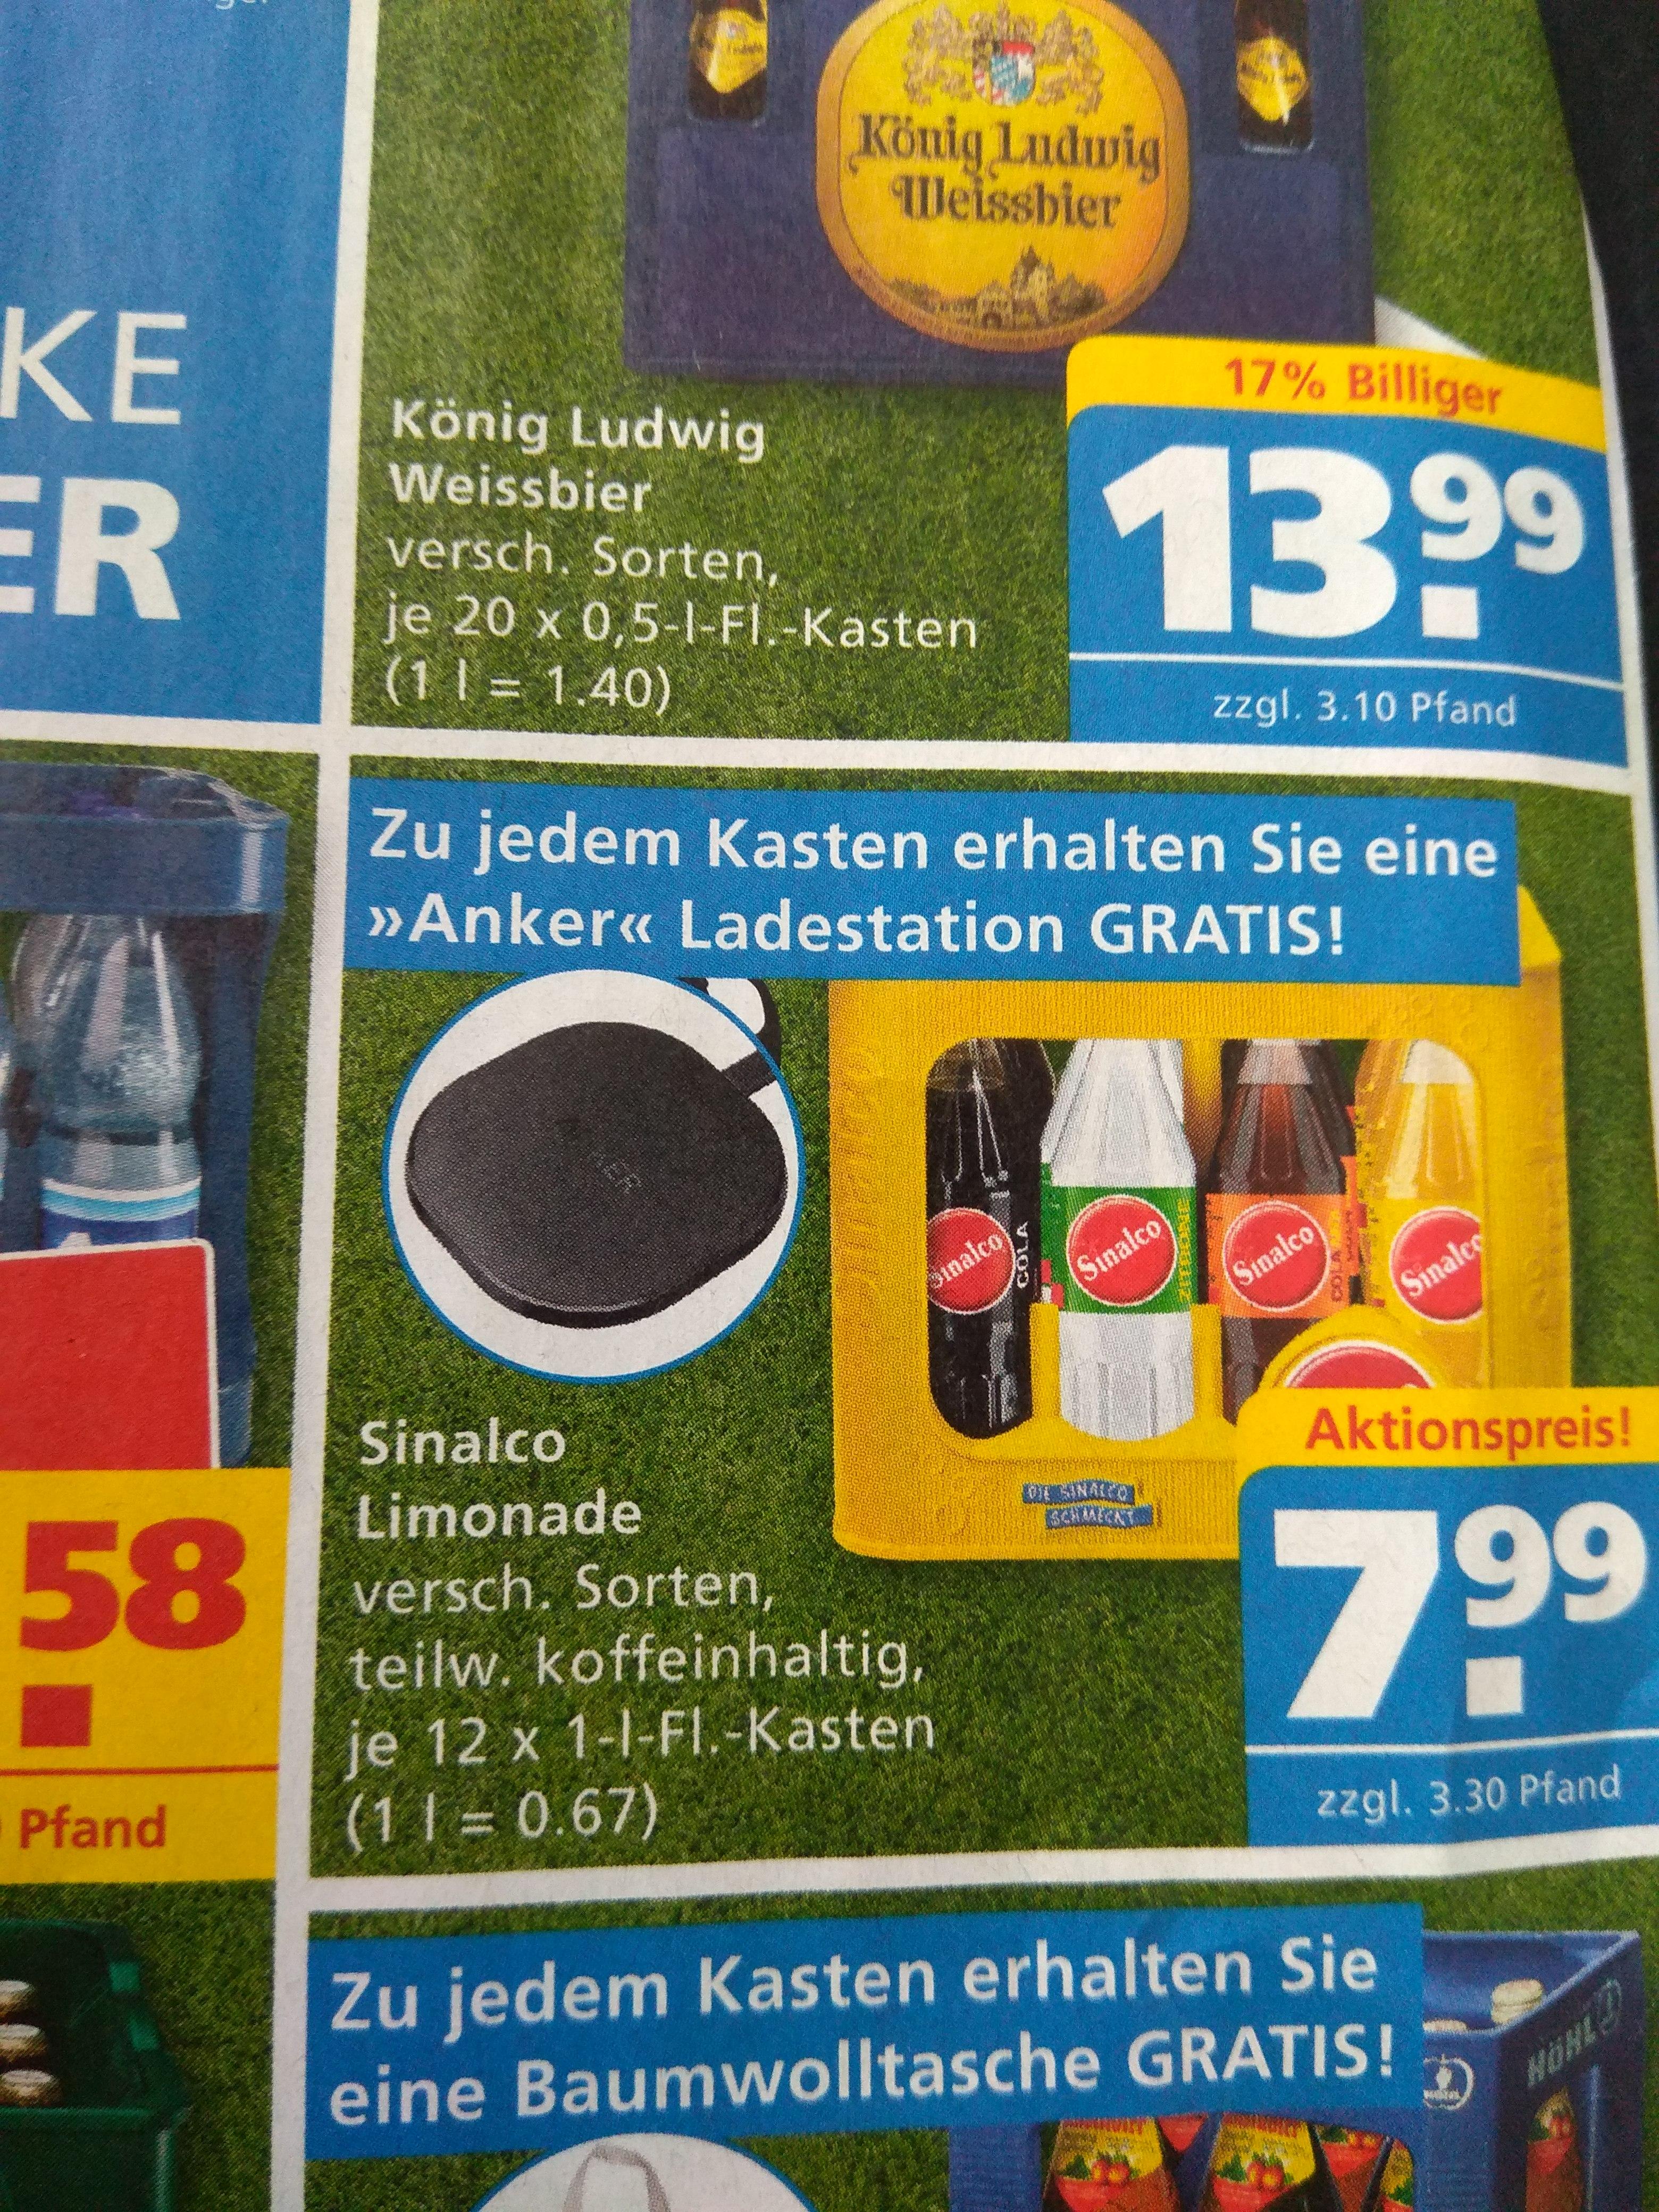 ANKER Ladestation Gratis zu Kasten Sinalco für 11,29€ inklusive Pfand@Toom Getränkemarkt